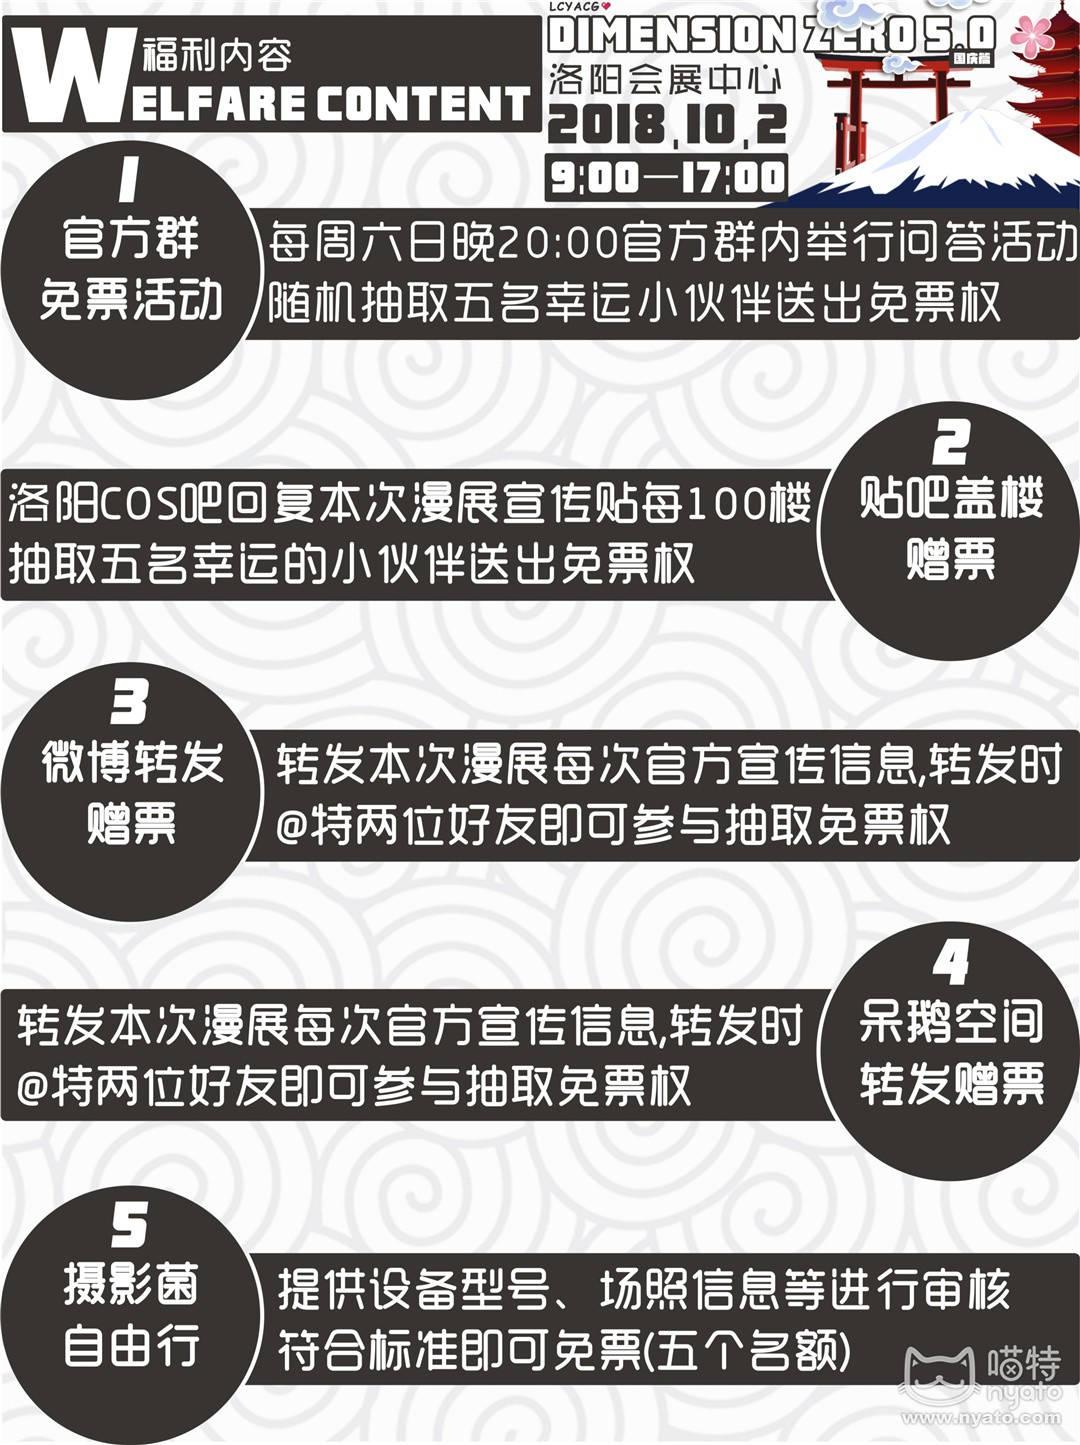 6福利内容.jpg